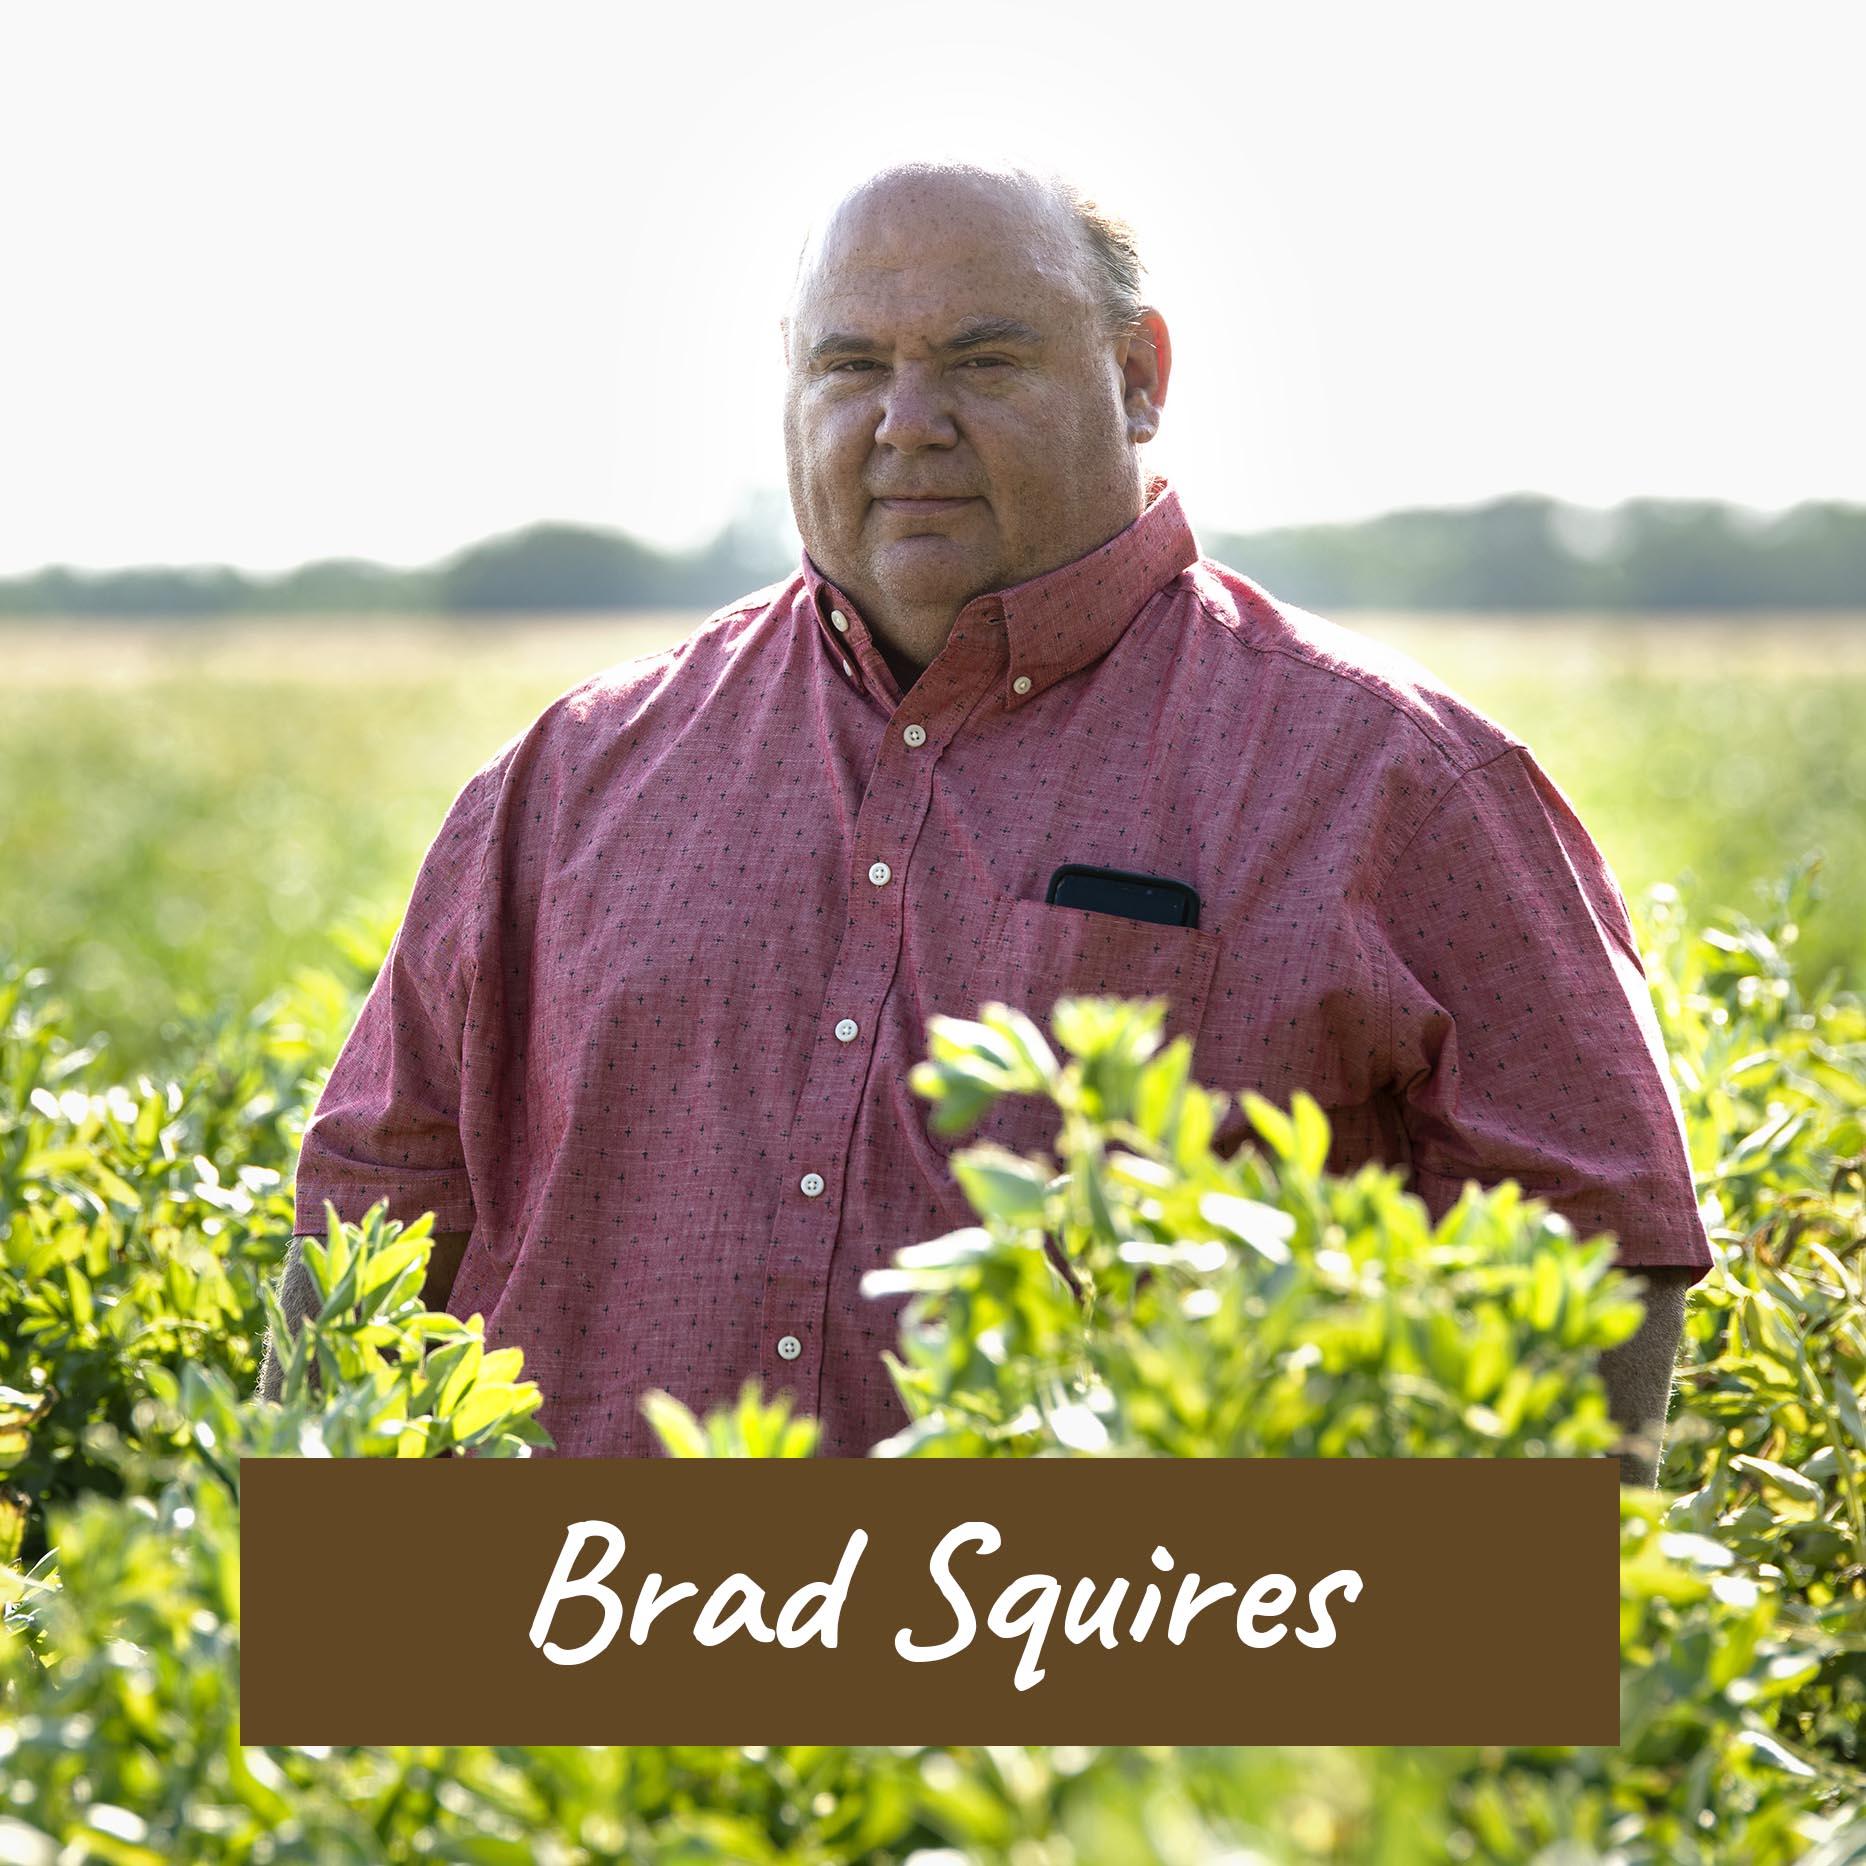 Brad Squires